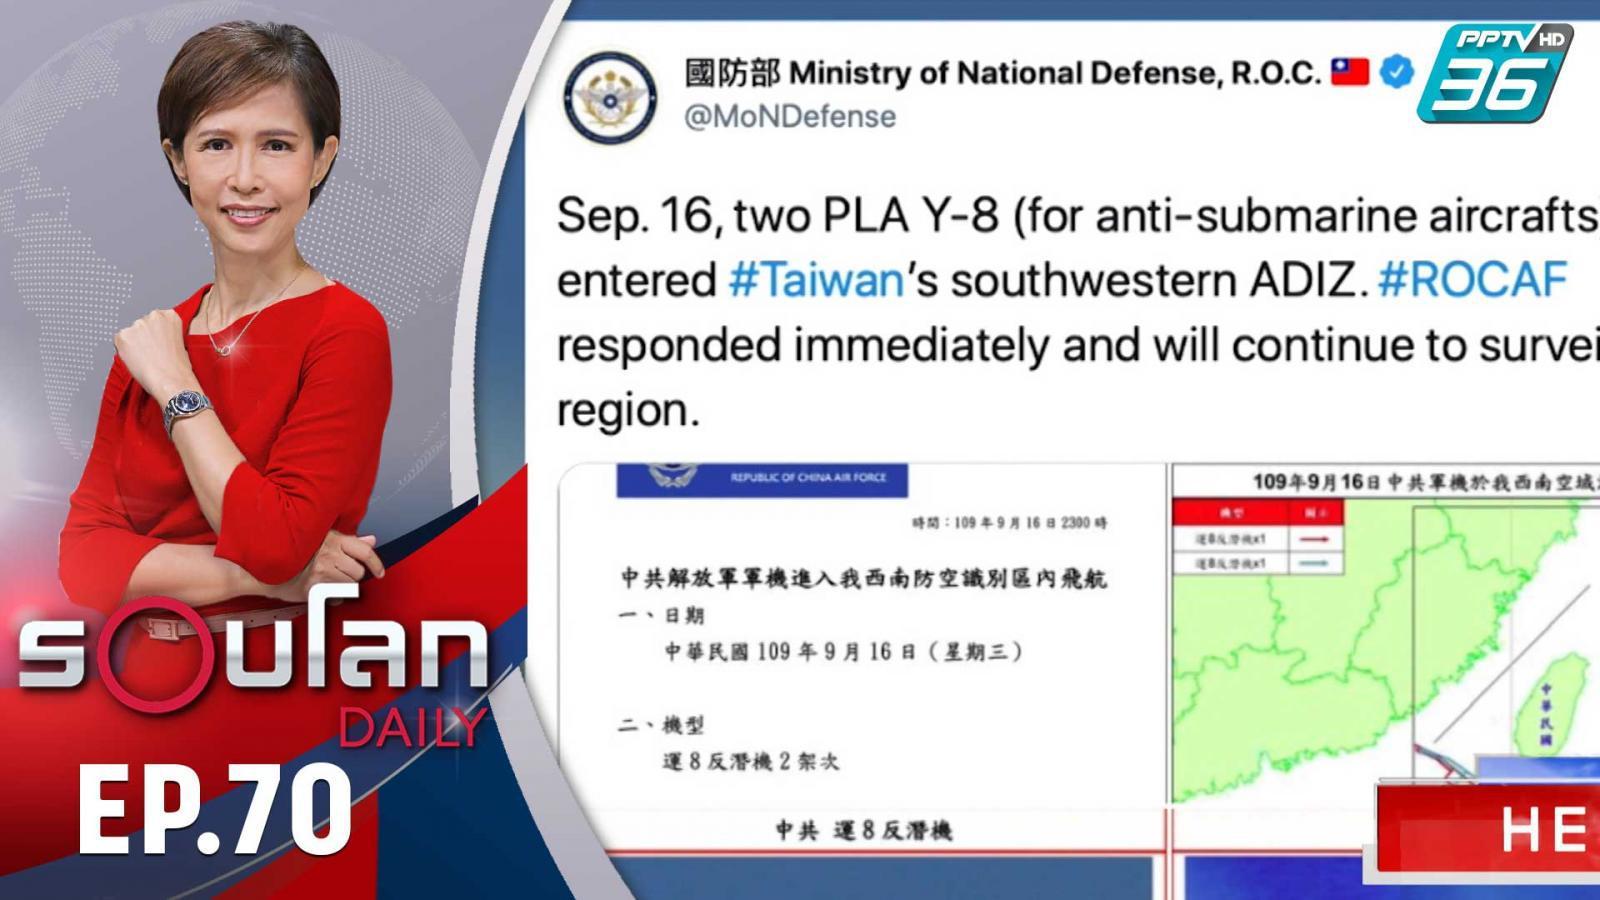 จีนระดมส่งเครื่องบินรบยั่วยุไต้หวัน ไม่พอใจสานสัมพันธ์สหรัฐฯ